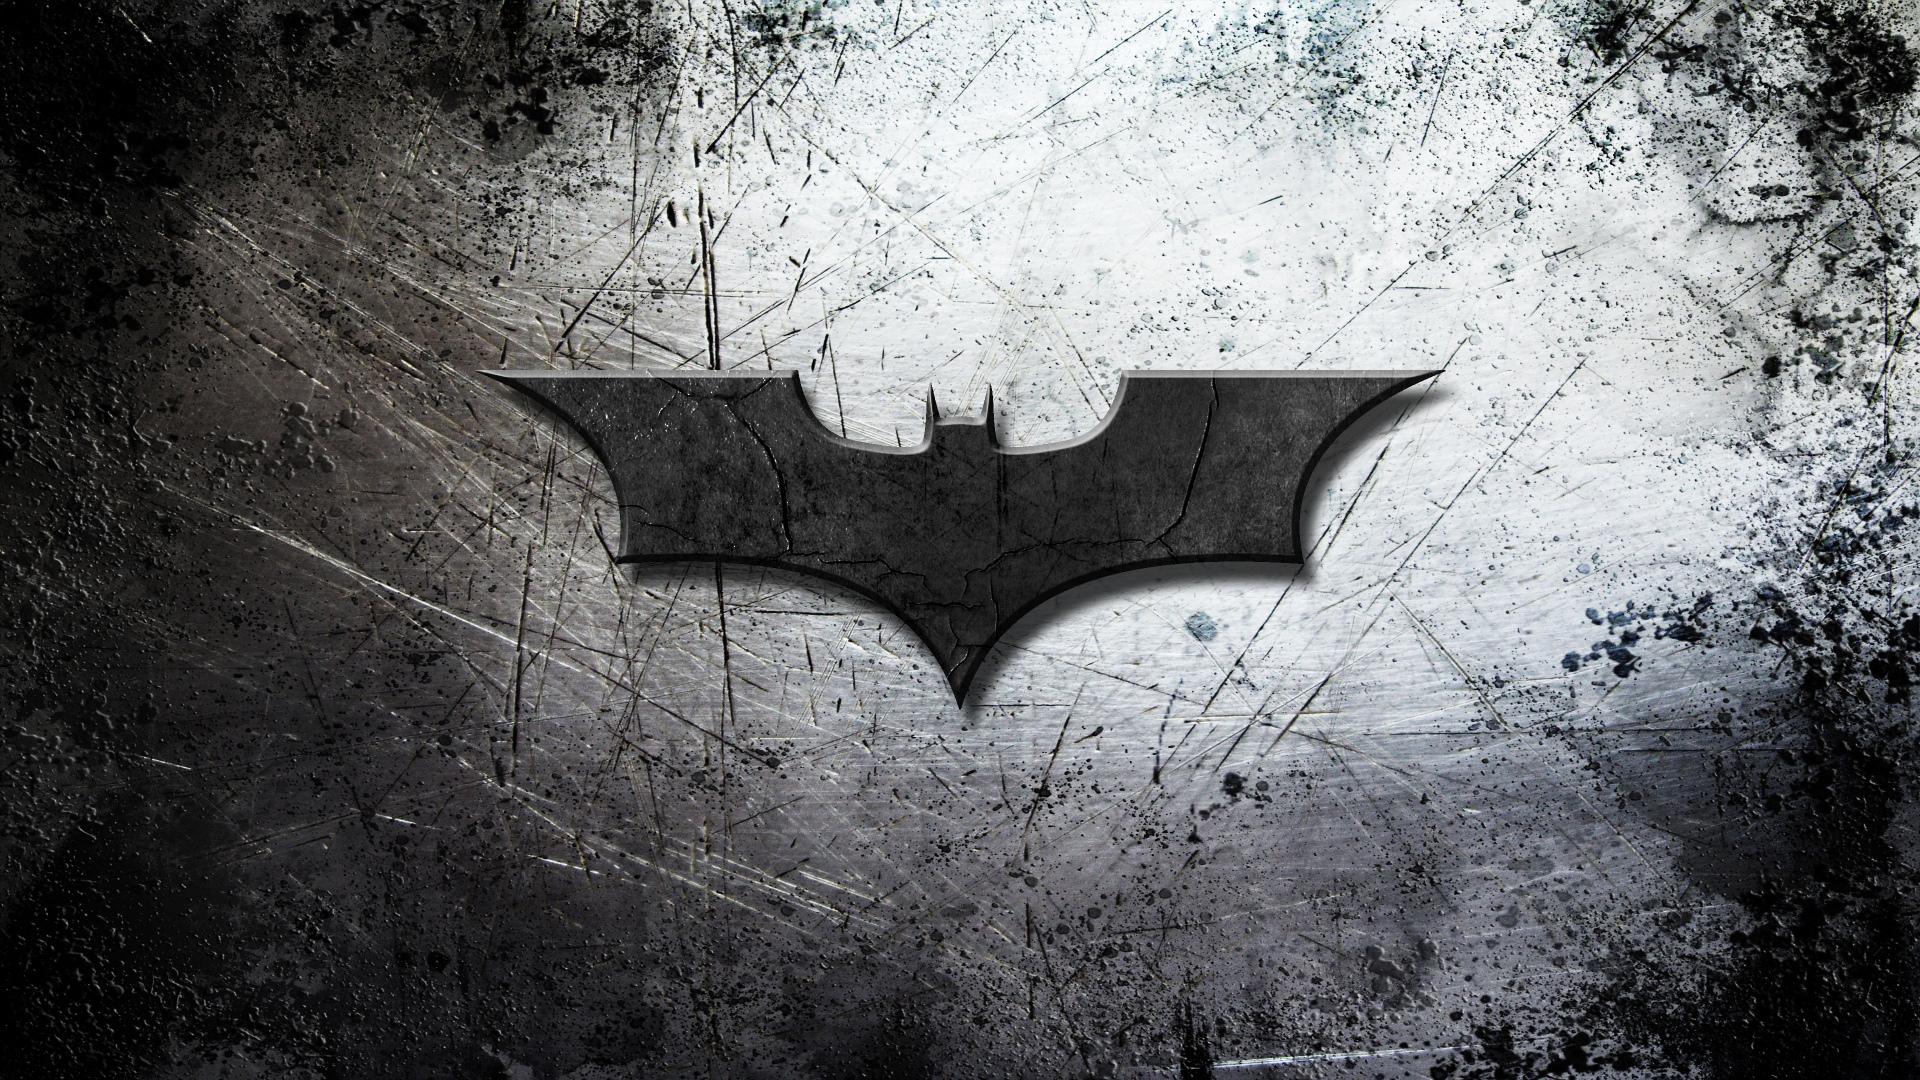 蝙蝠侠阿甘骑士壁纸高清大图欣赏 暗影杀神